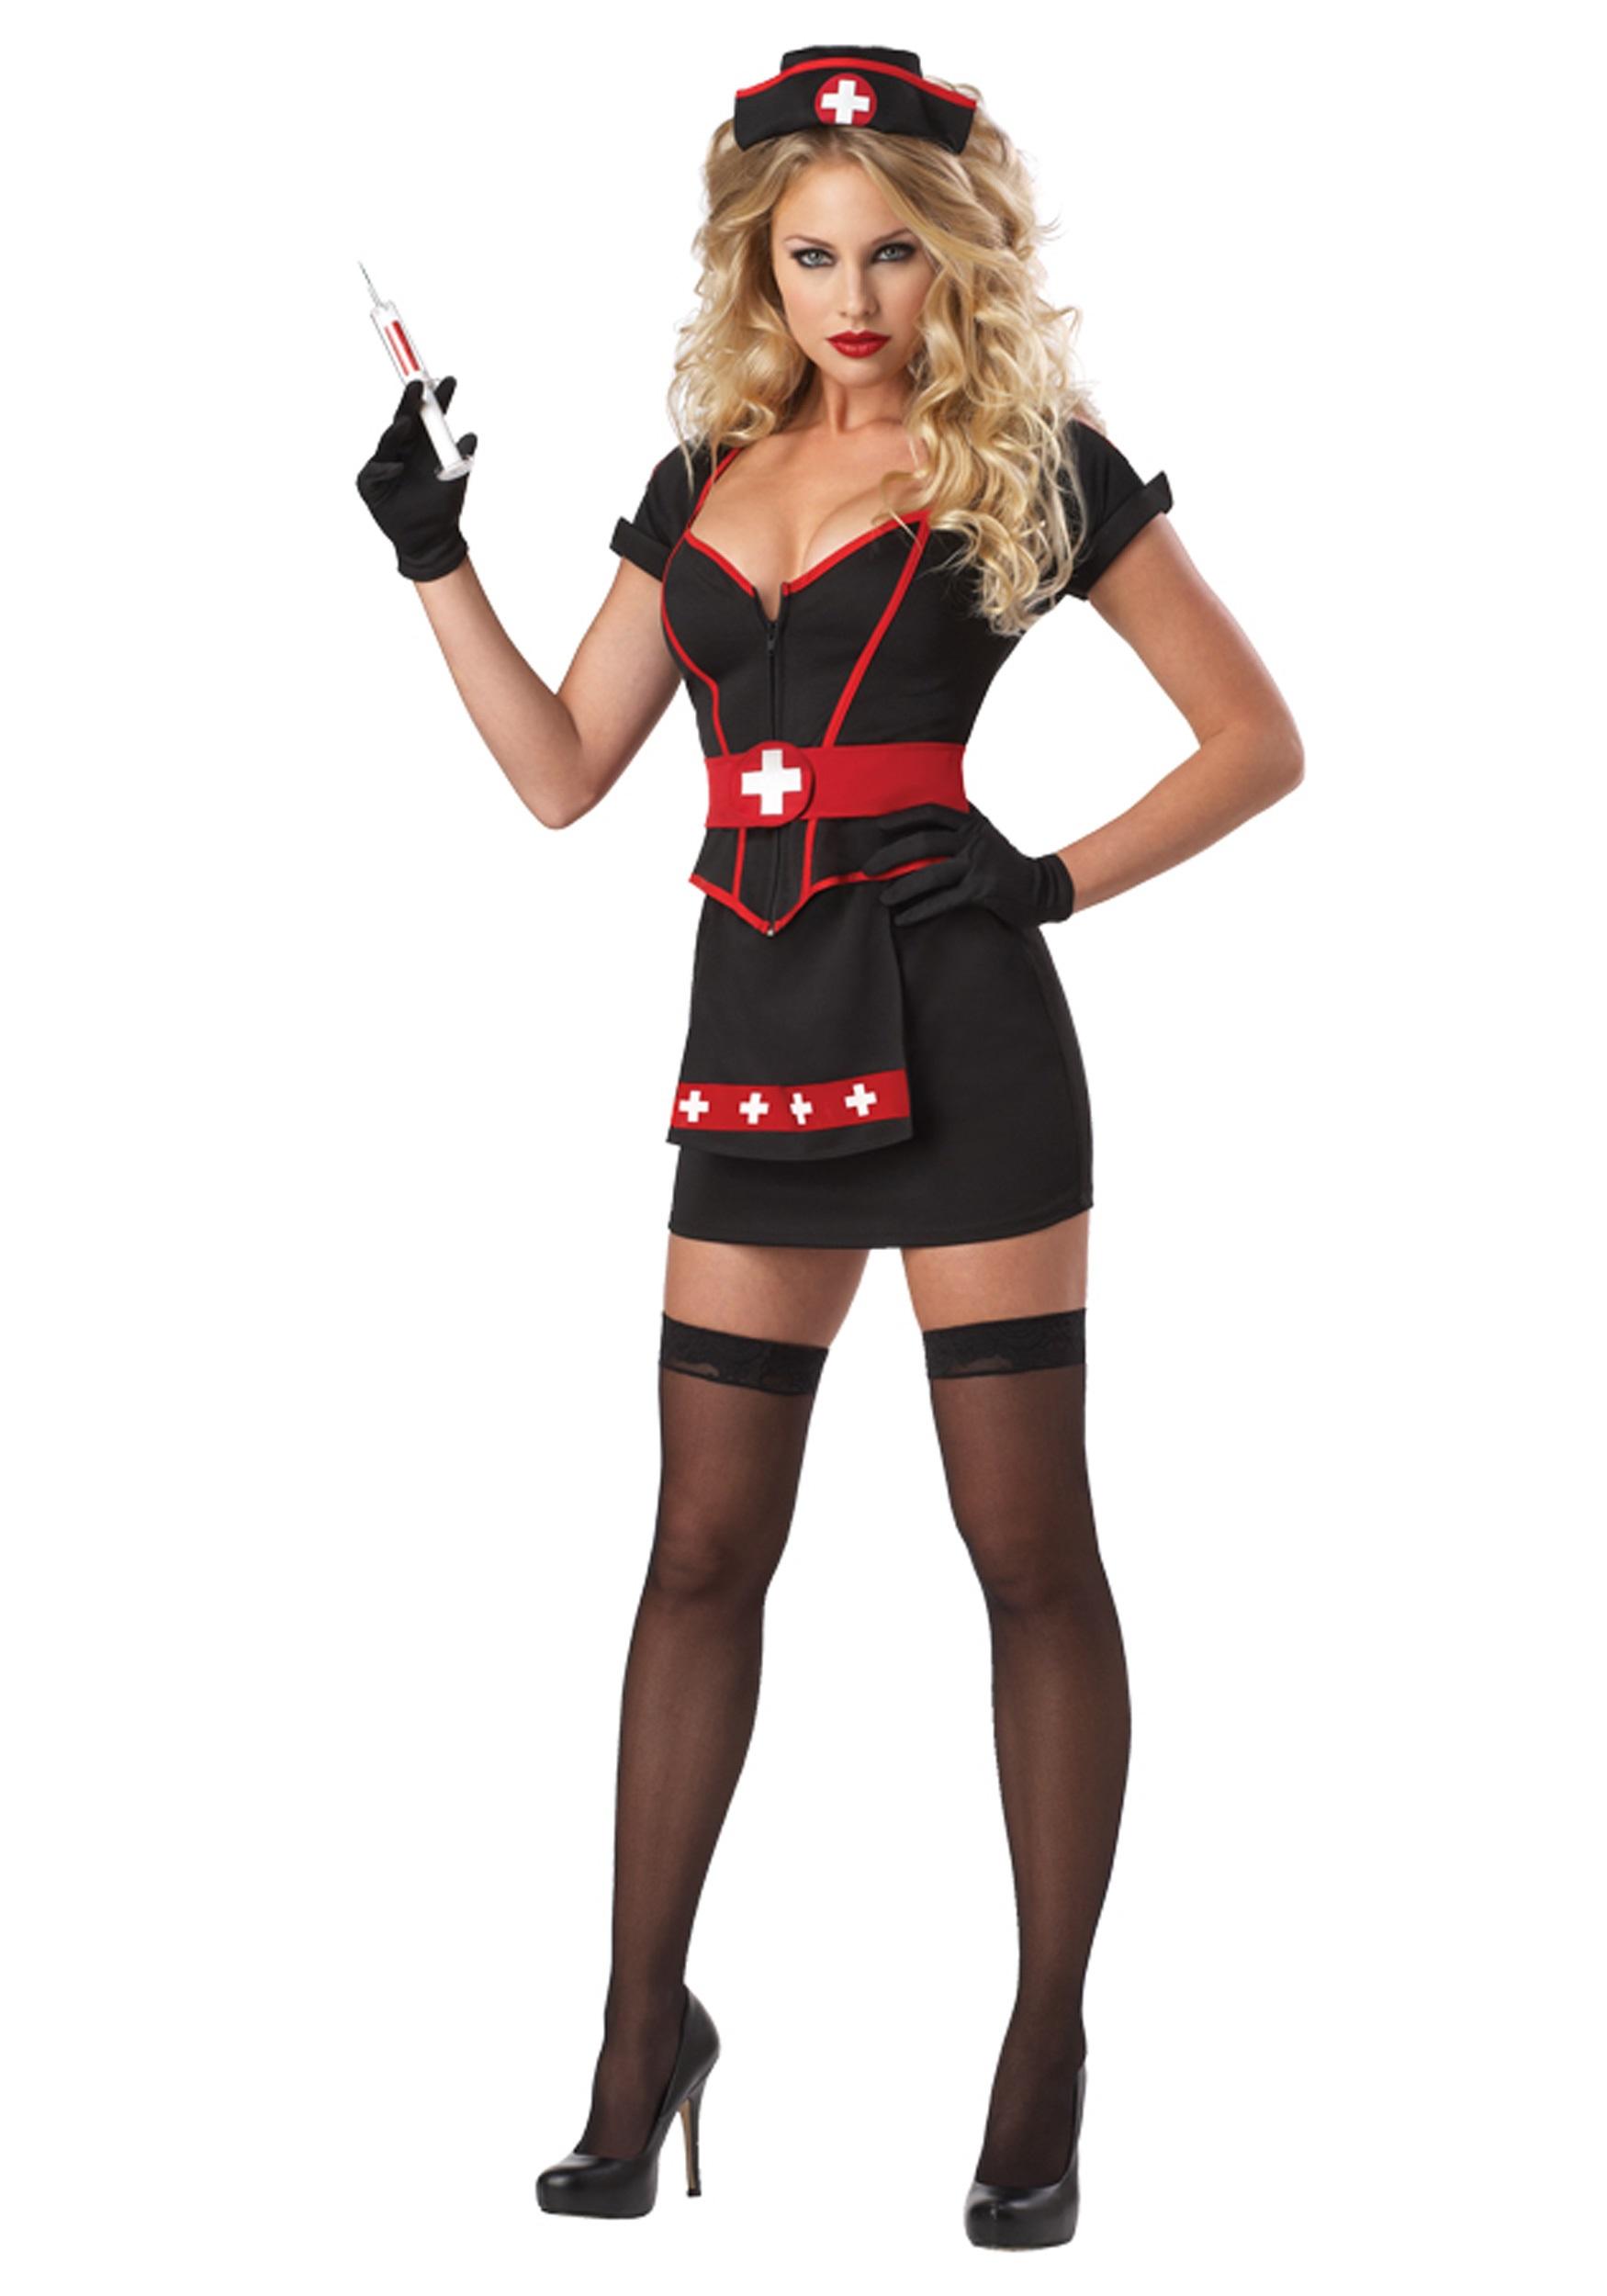 costume halloween Adult nurse